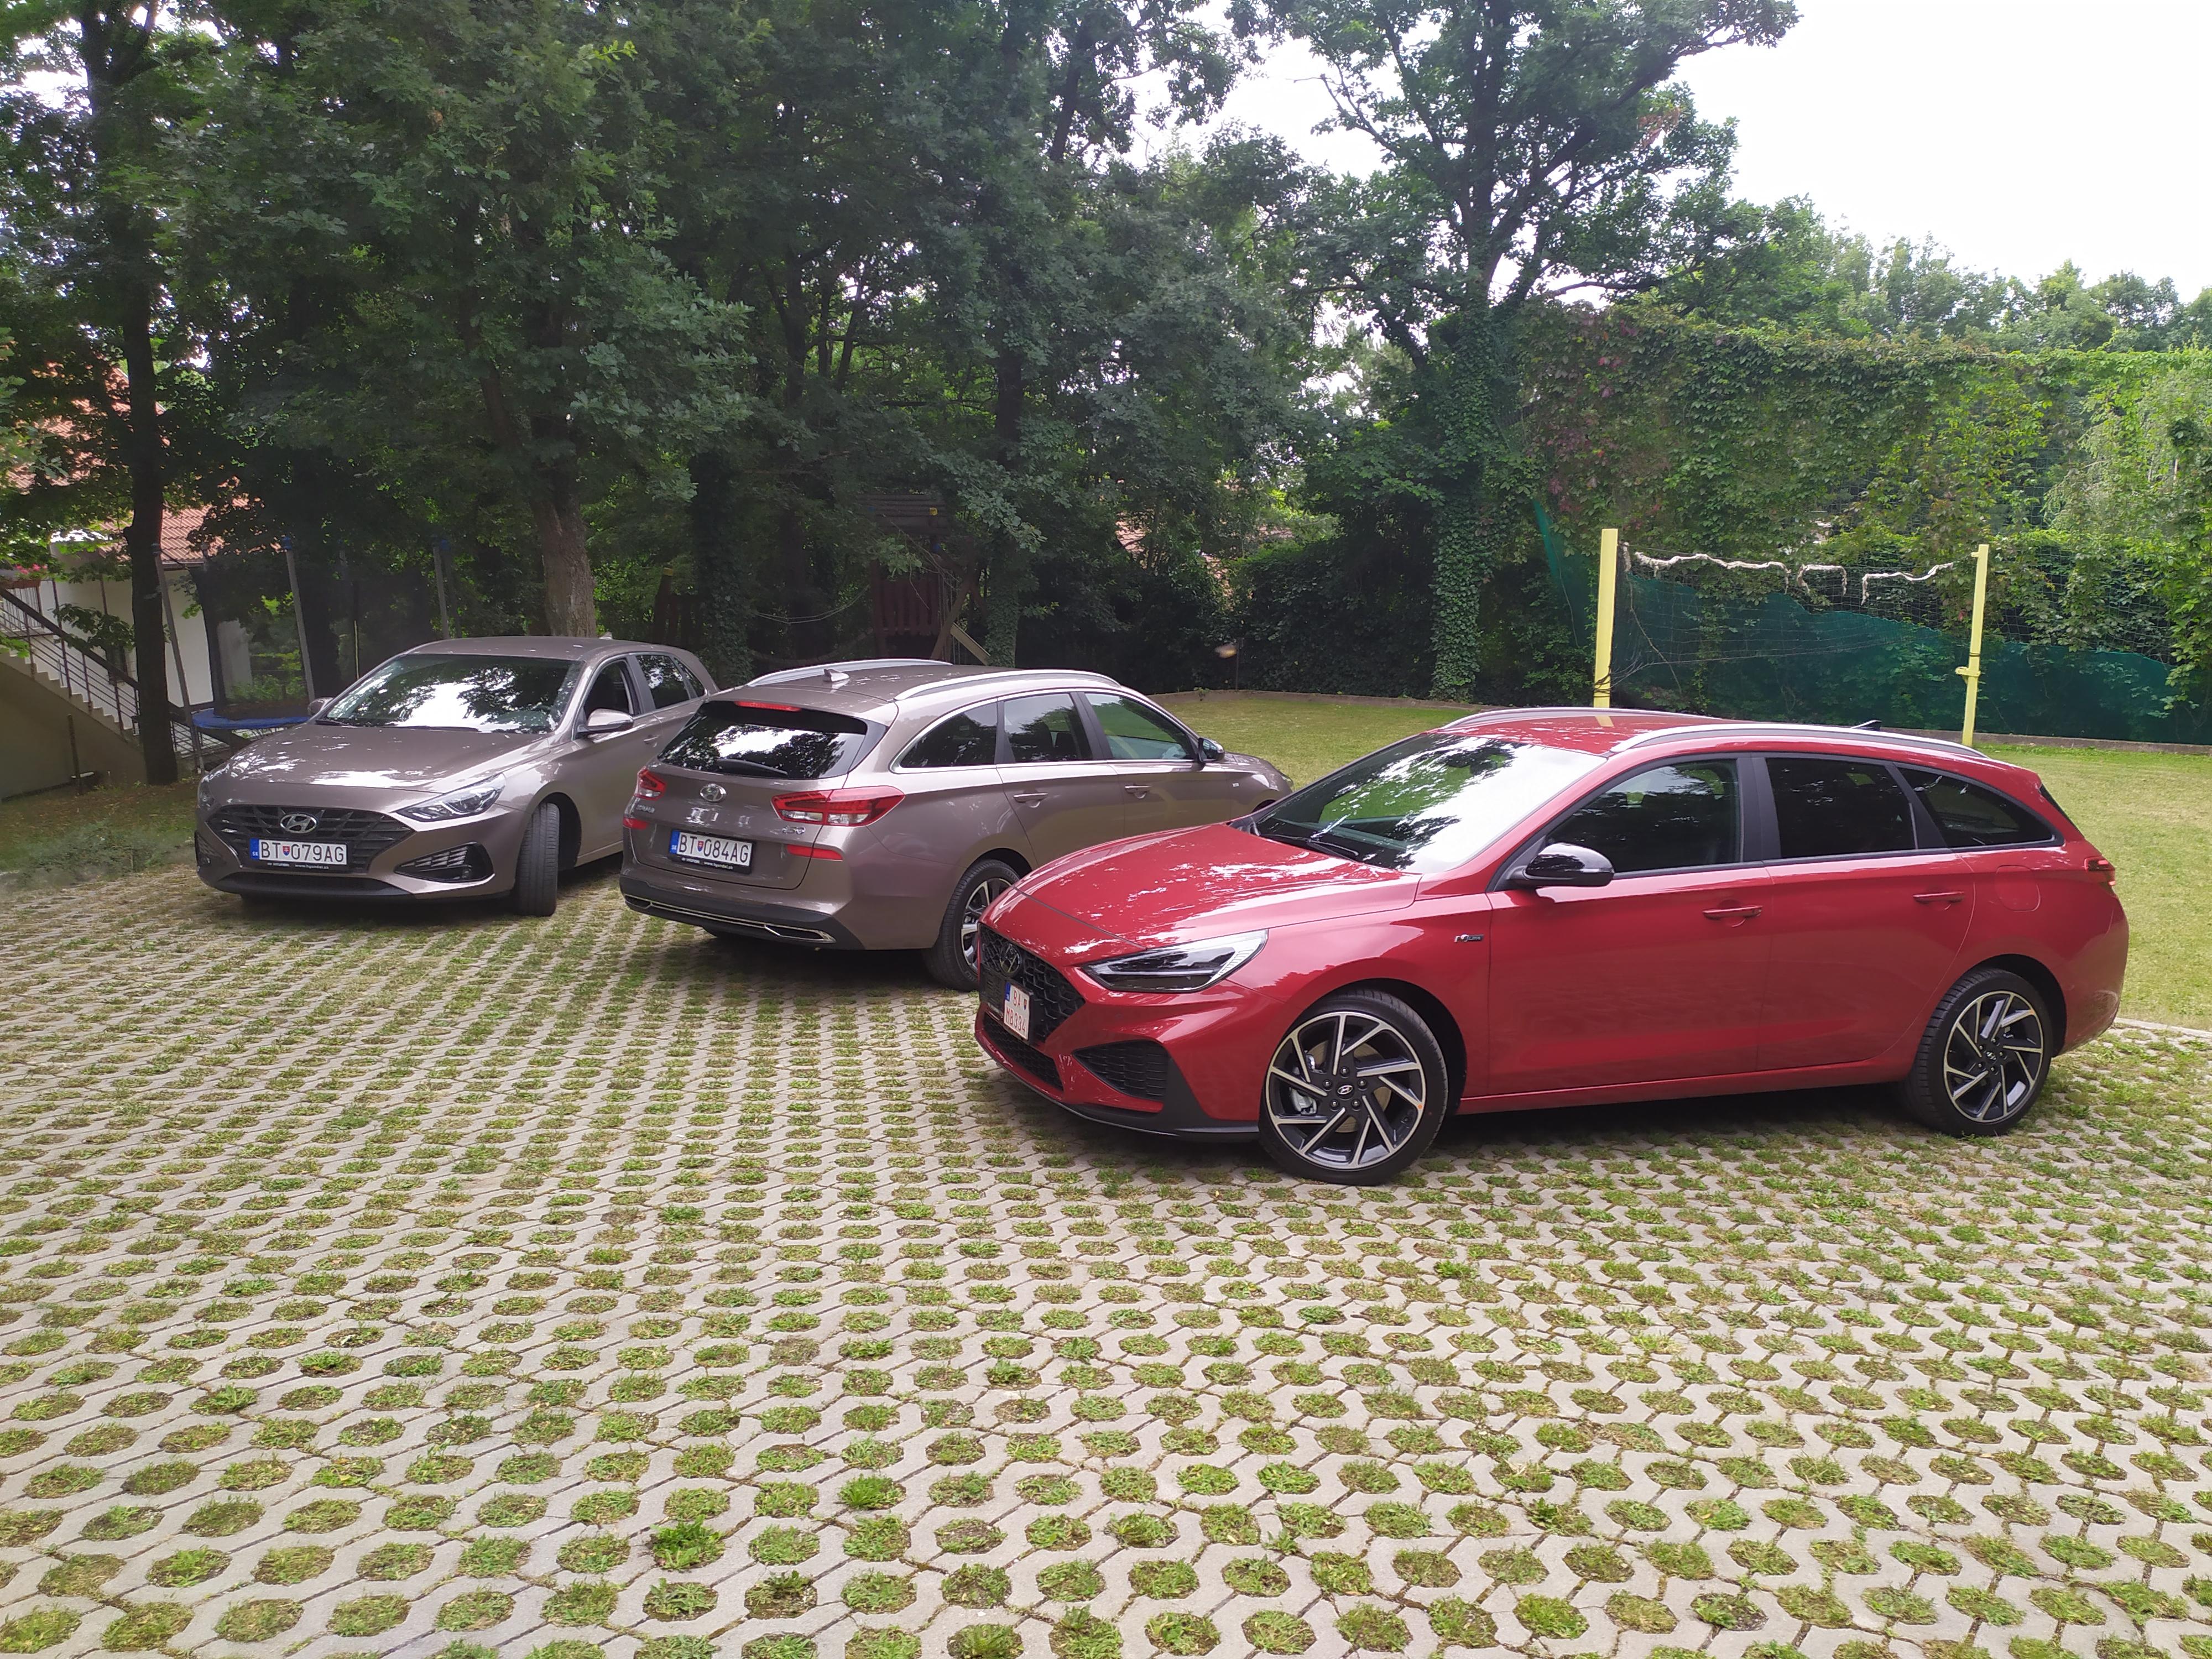 Prvá jazda: Hyundai i30 prešiel modernizáciou a dostal nové motory